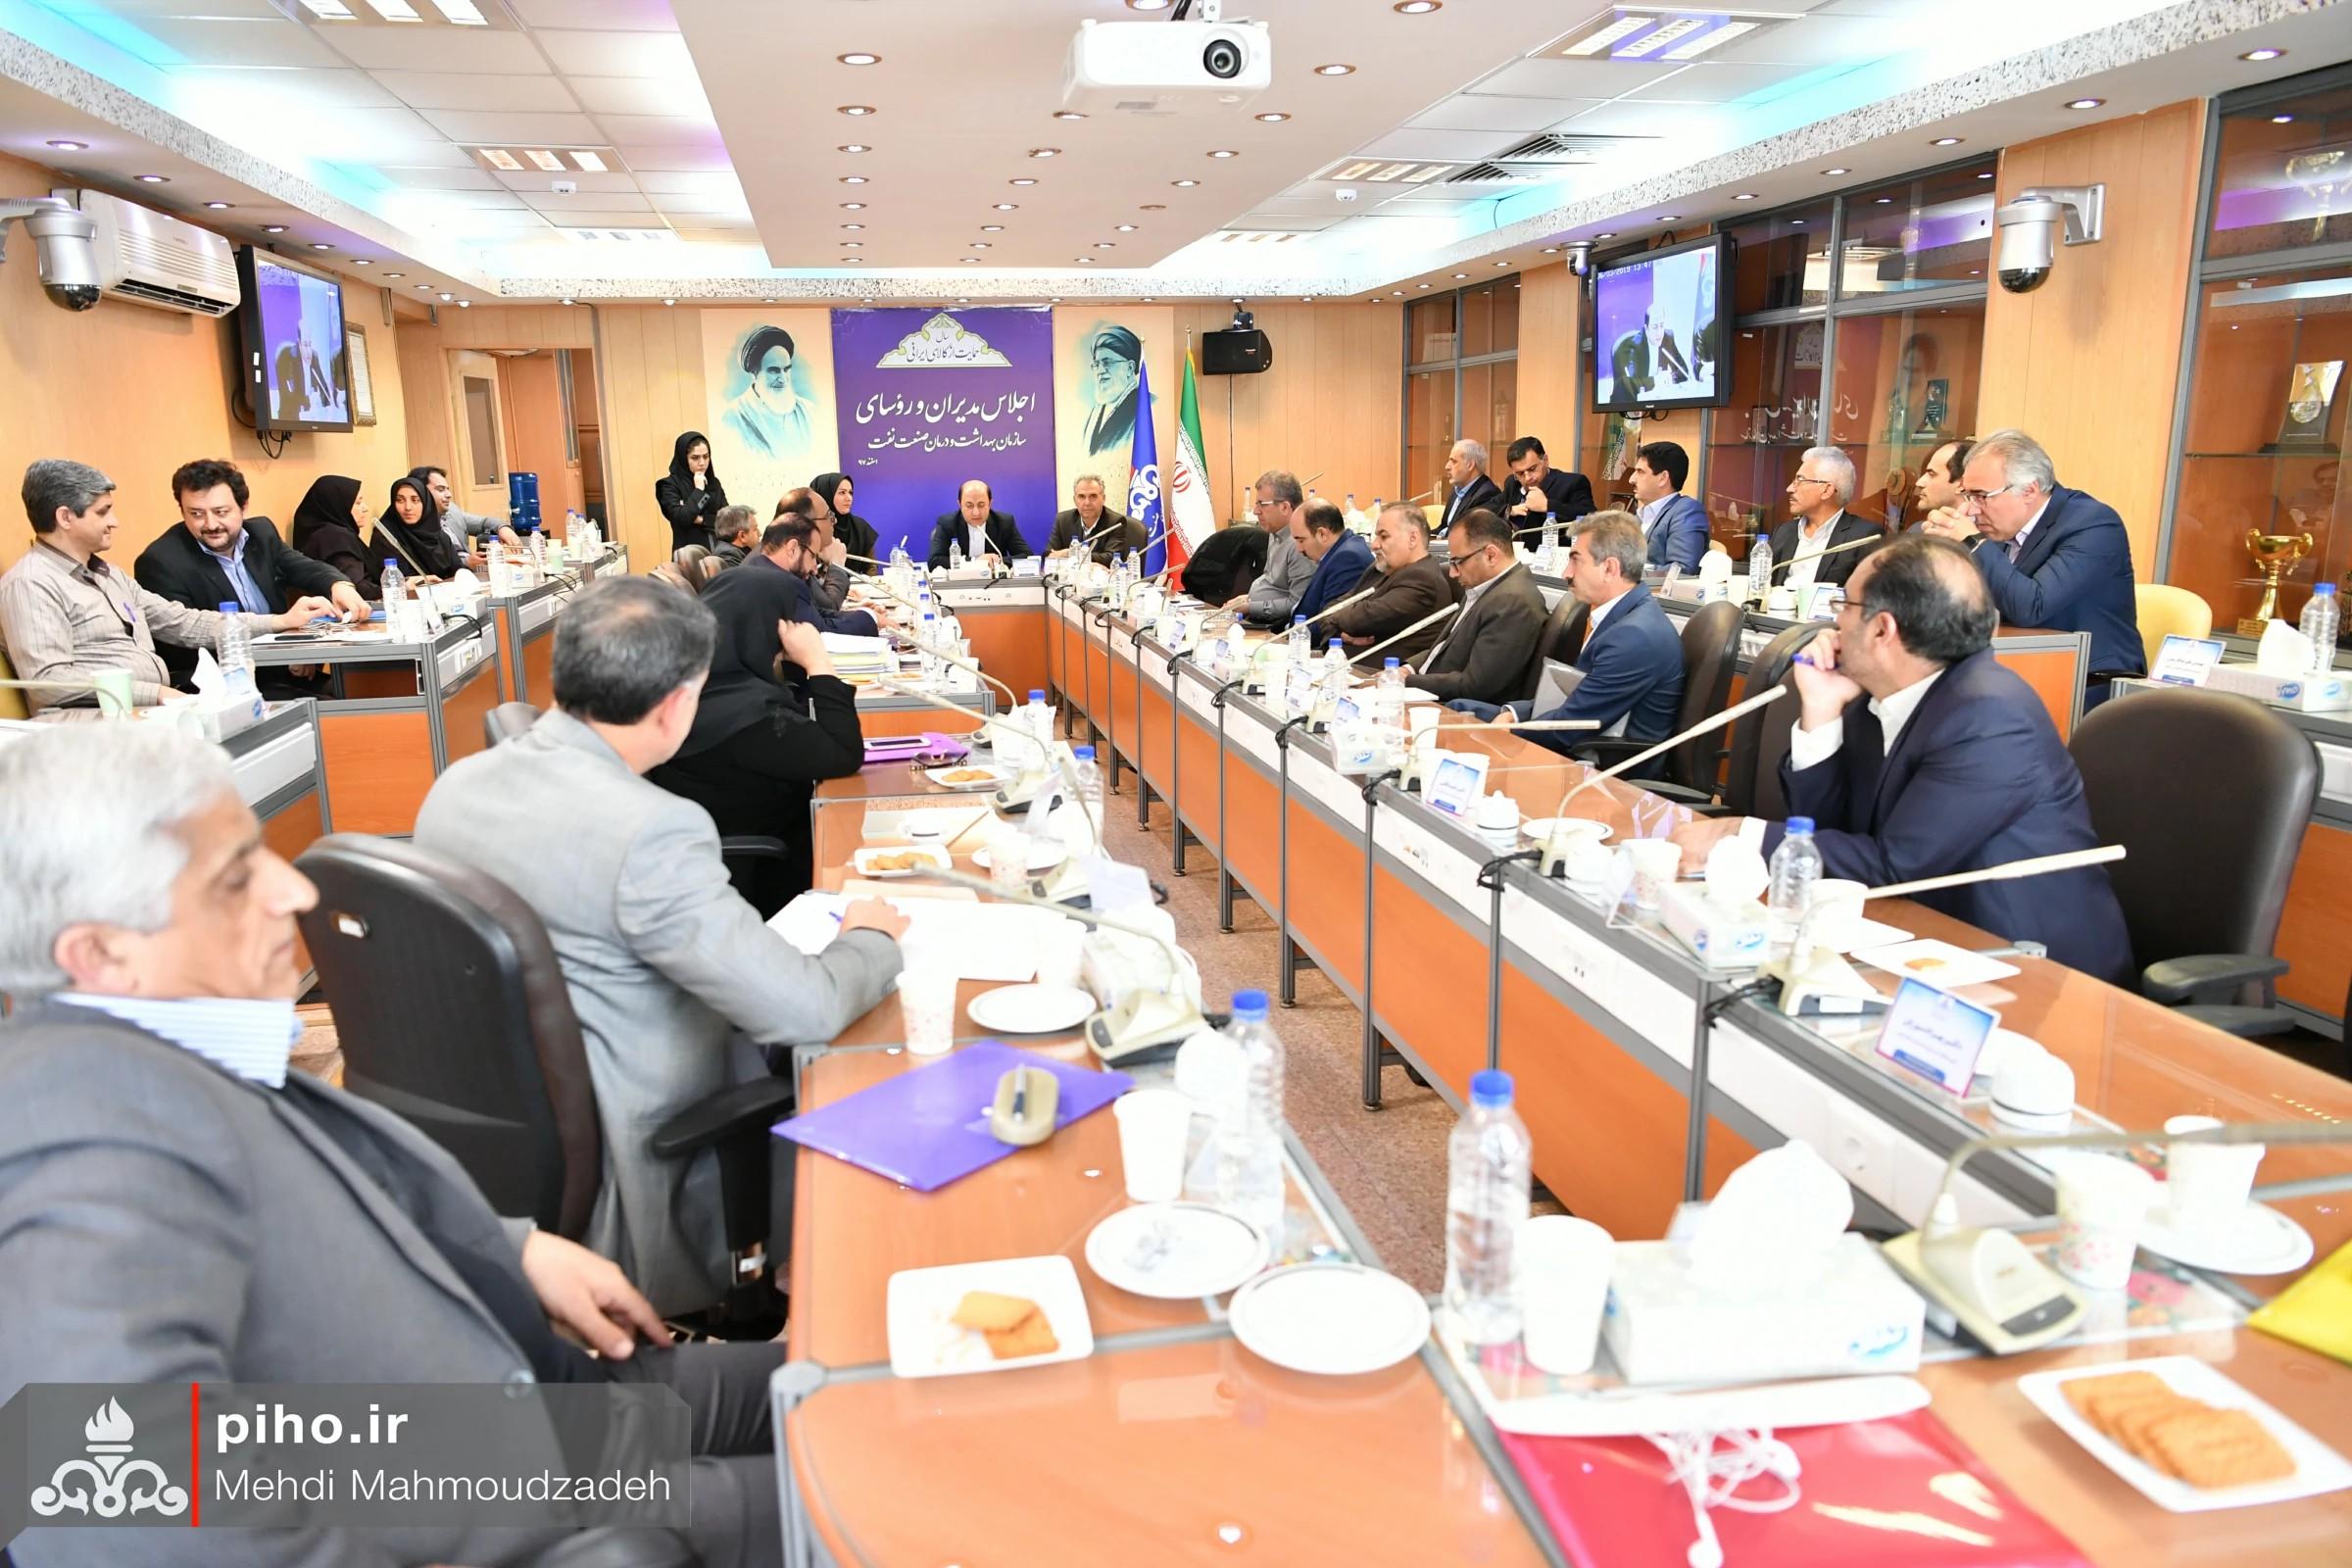 اجلاس مدیران و روسا سال 97 31